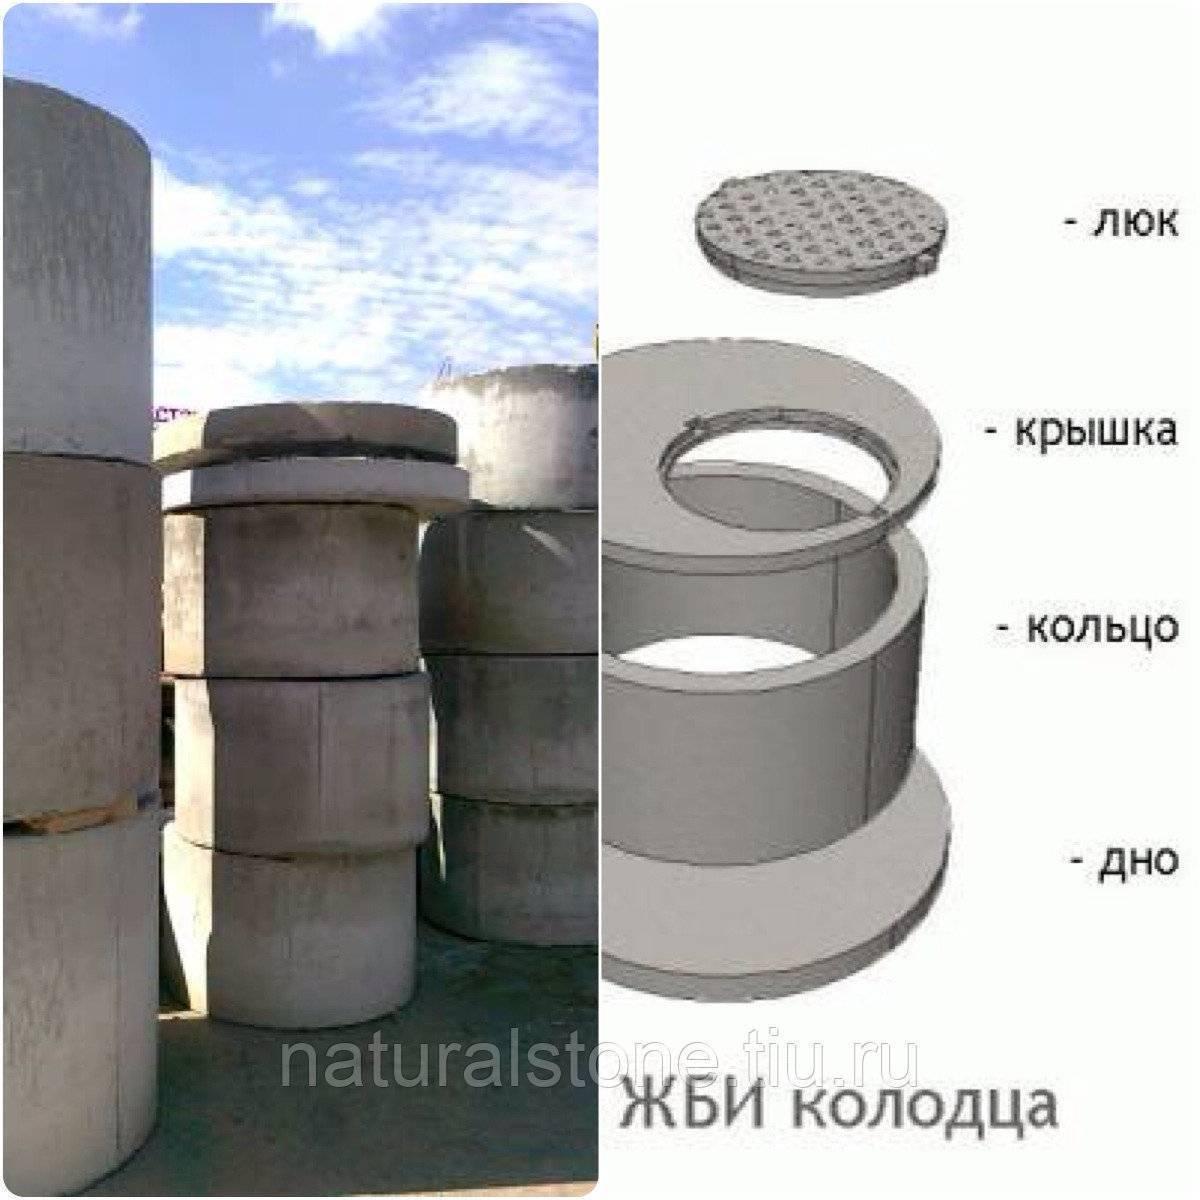 Какие кольца нужны для канализации в частном доме